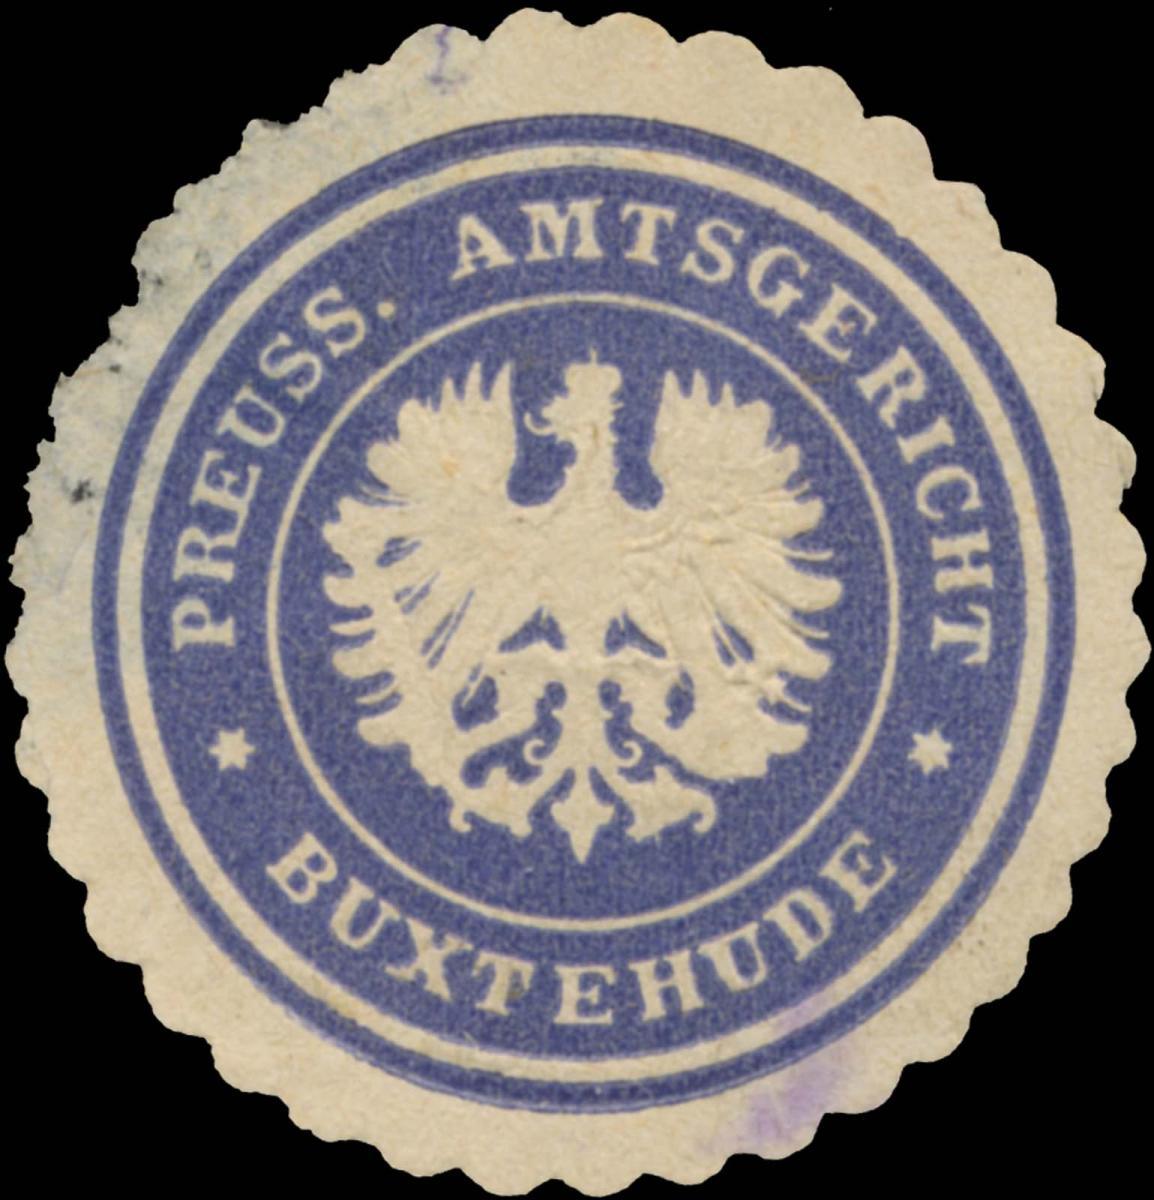 Pr. Amtsgericht Buxtehude